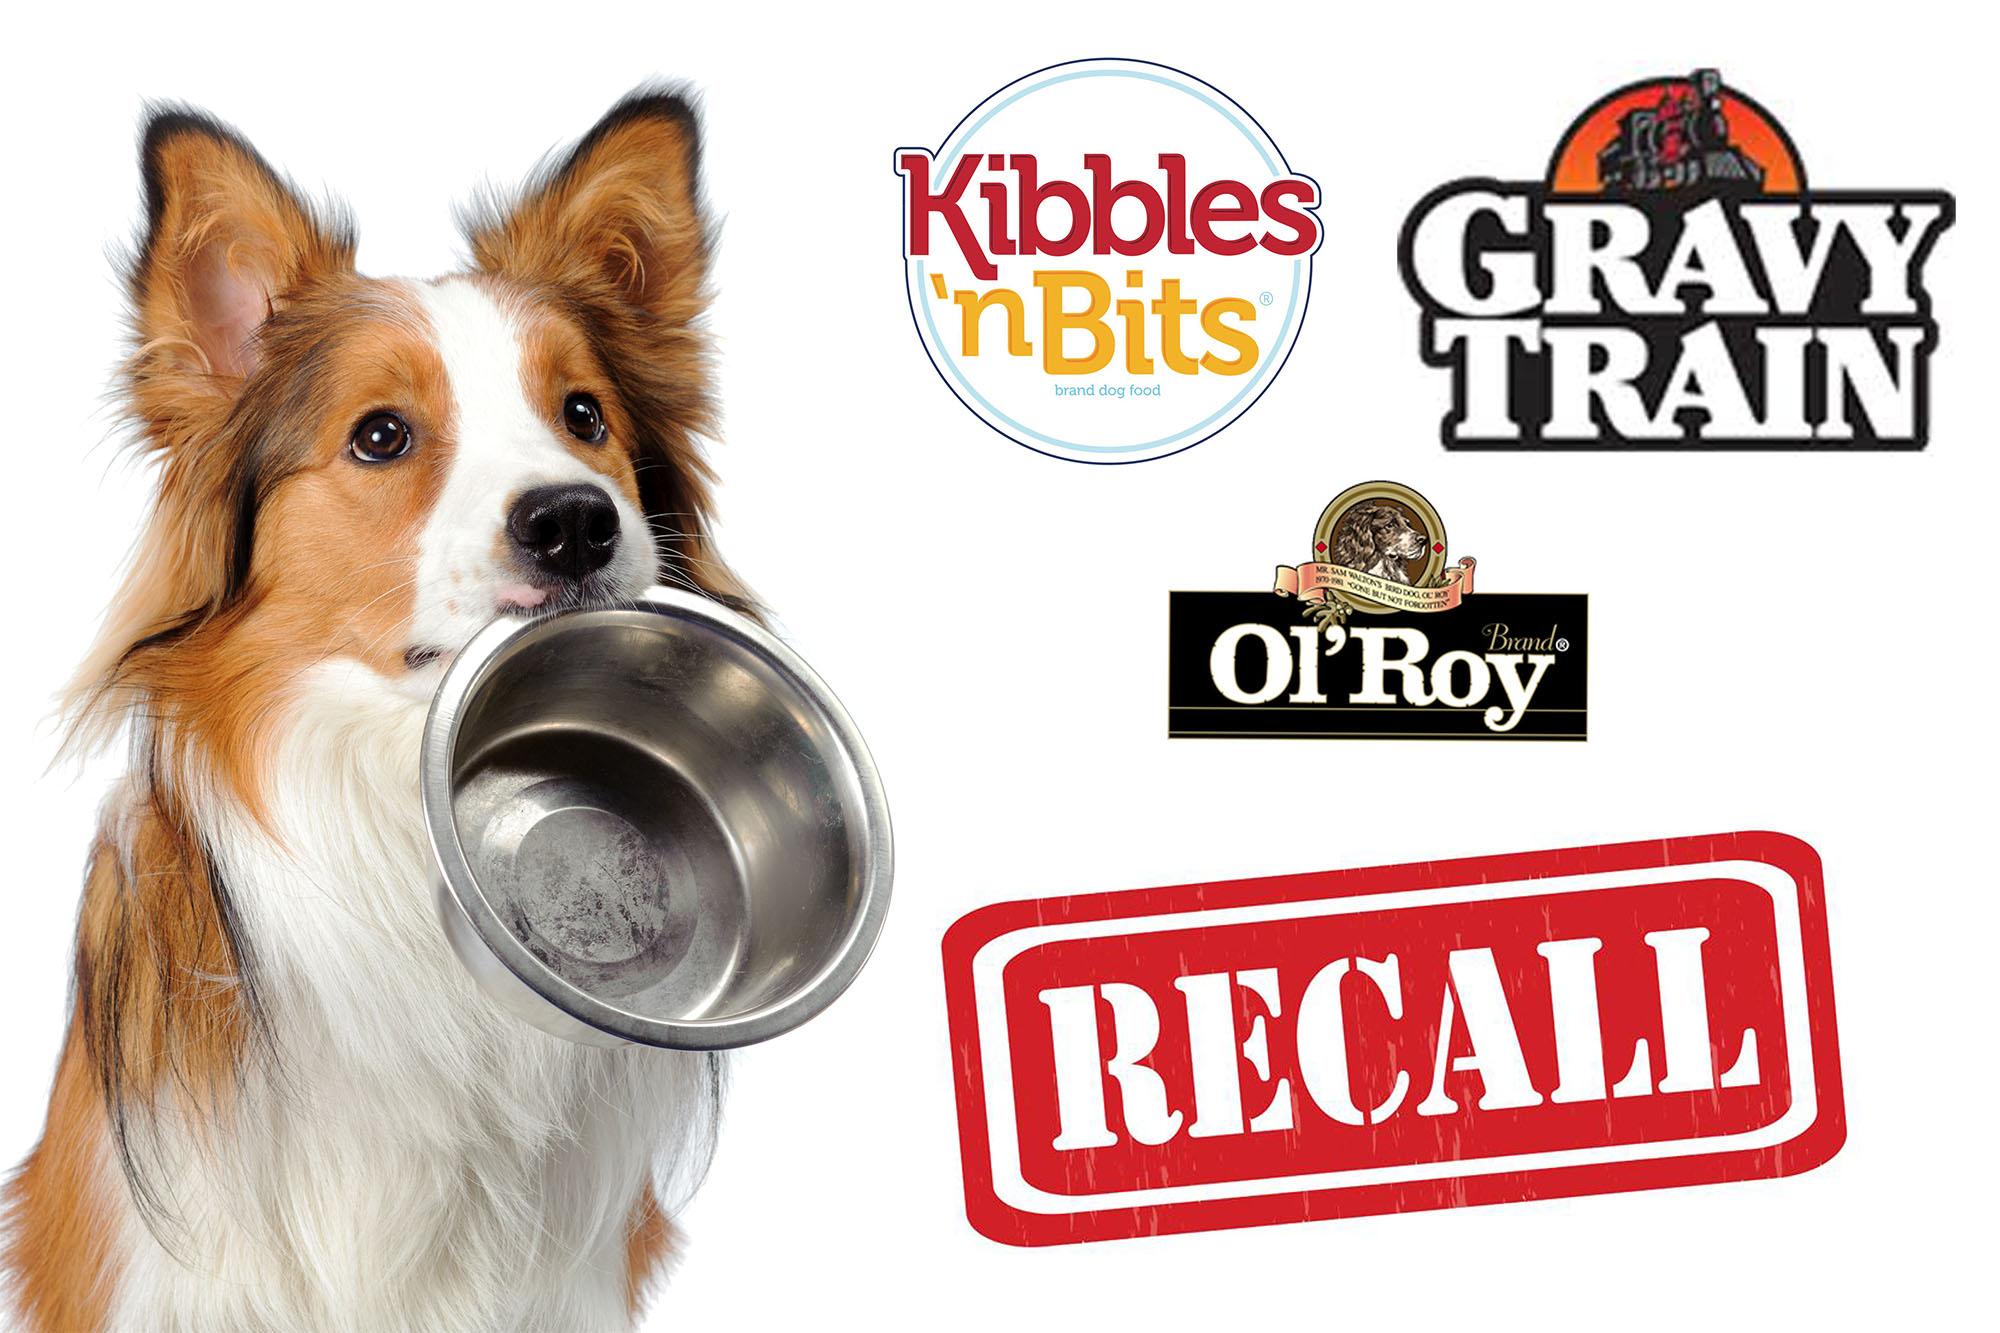 Dog Foods Pulled After Investigation Finds Euthanasia Drug